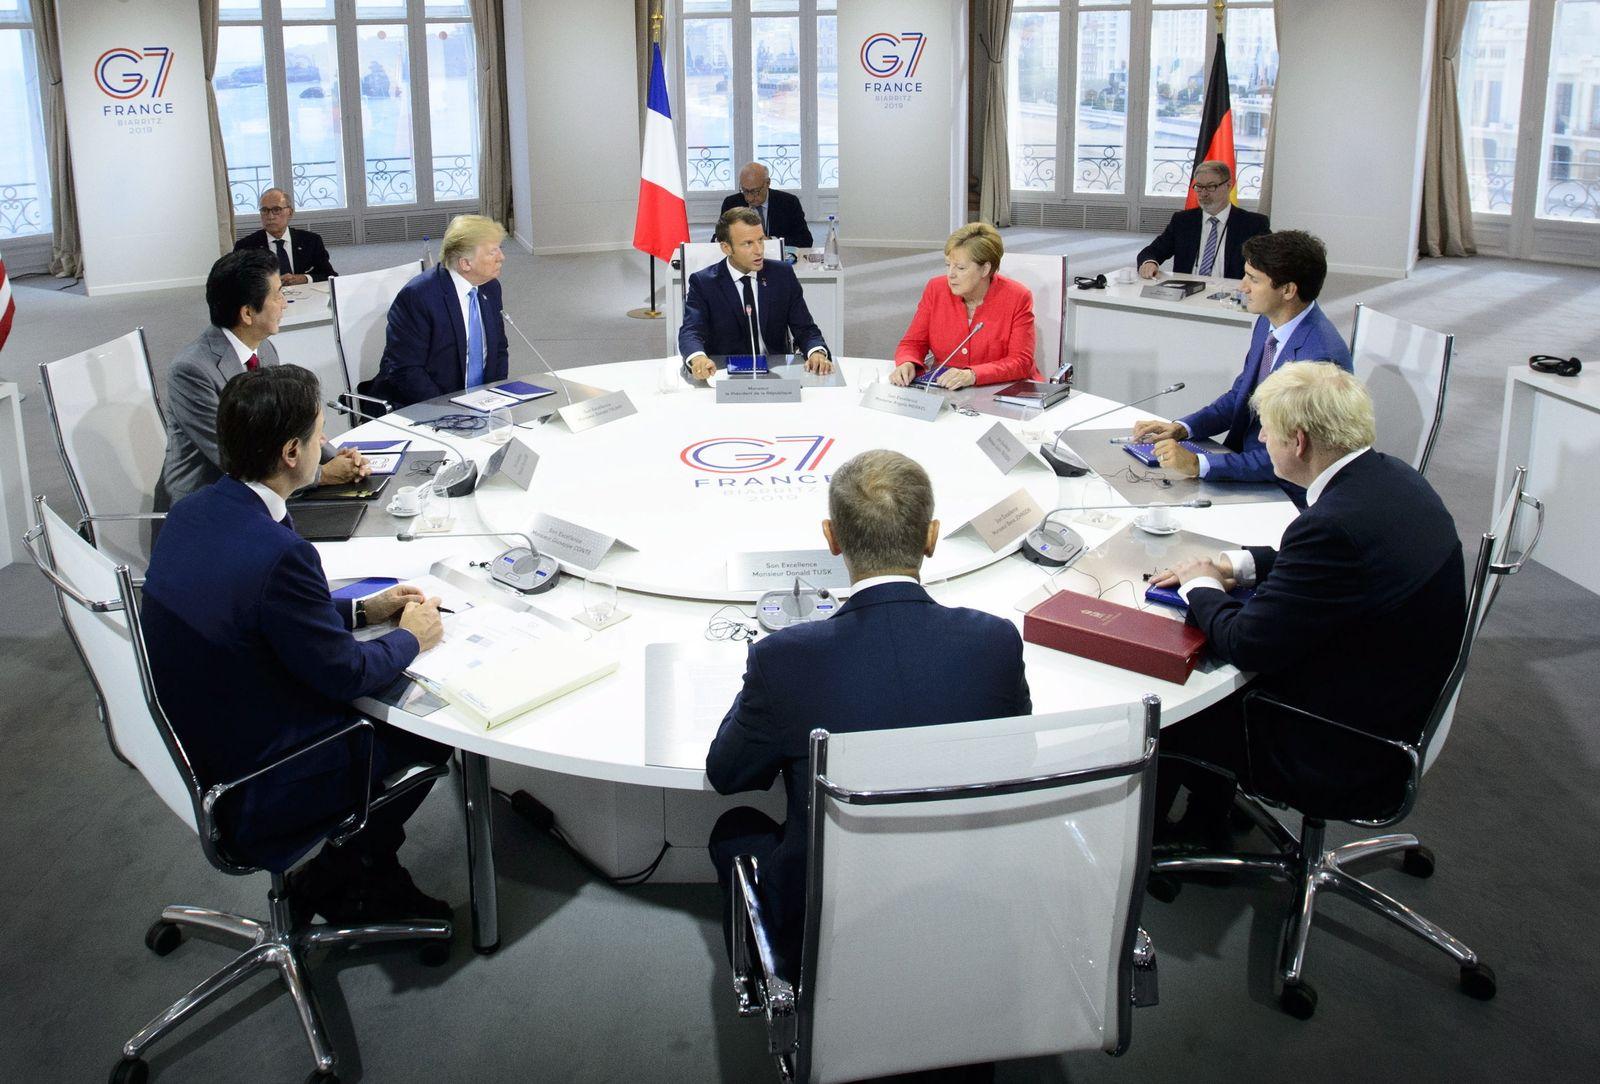 France G7 Summit